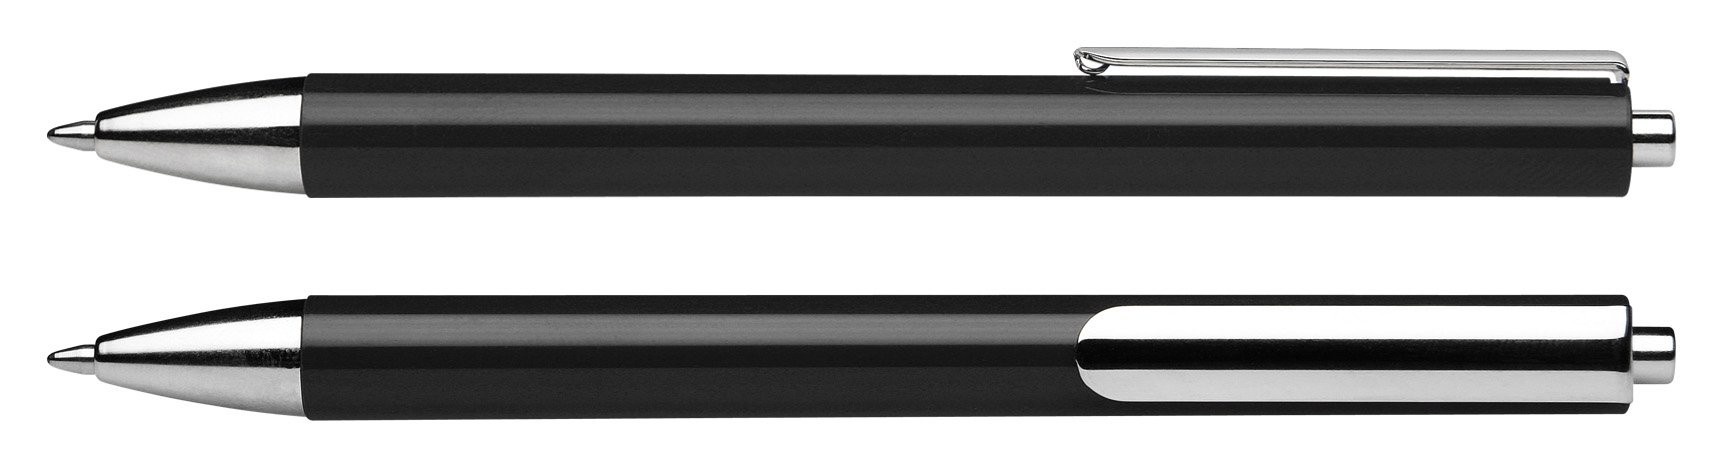 Kugelschreiber Evo Pro